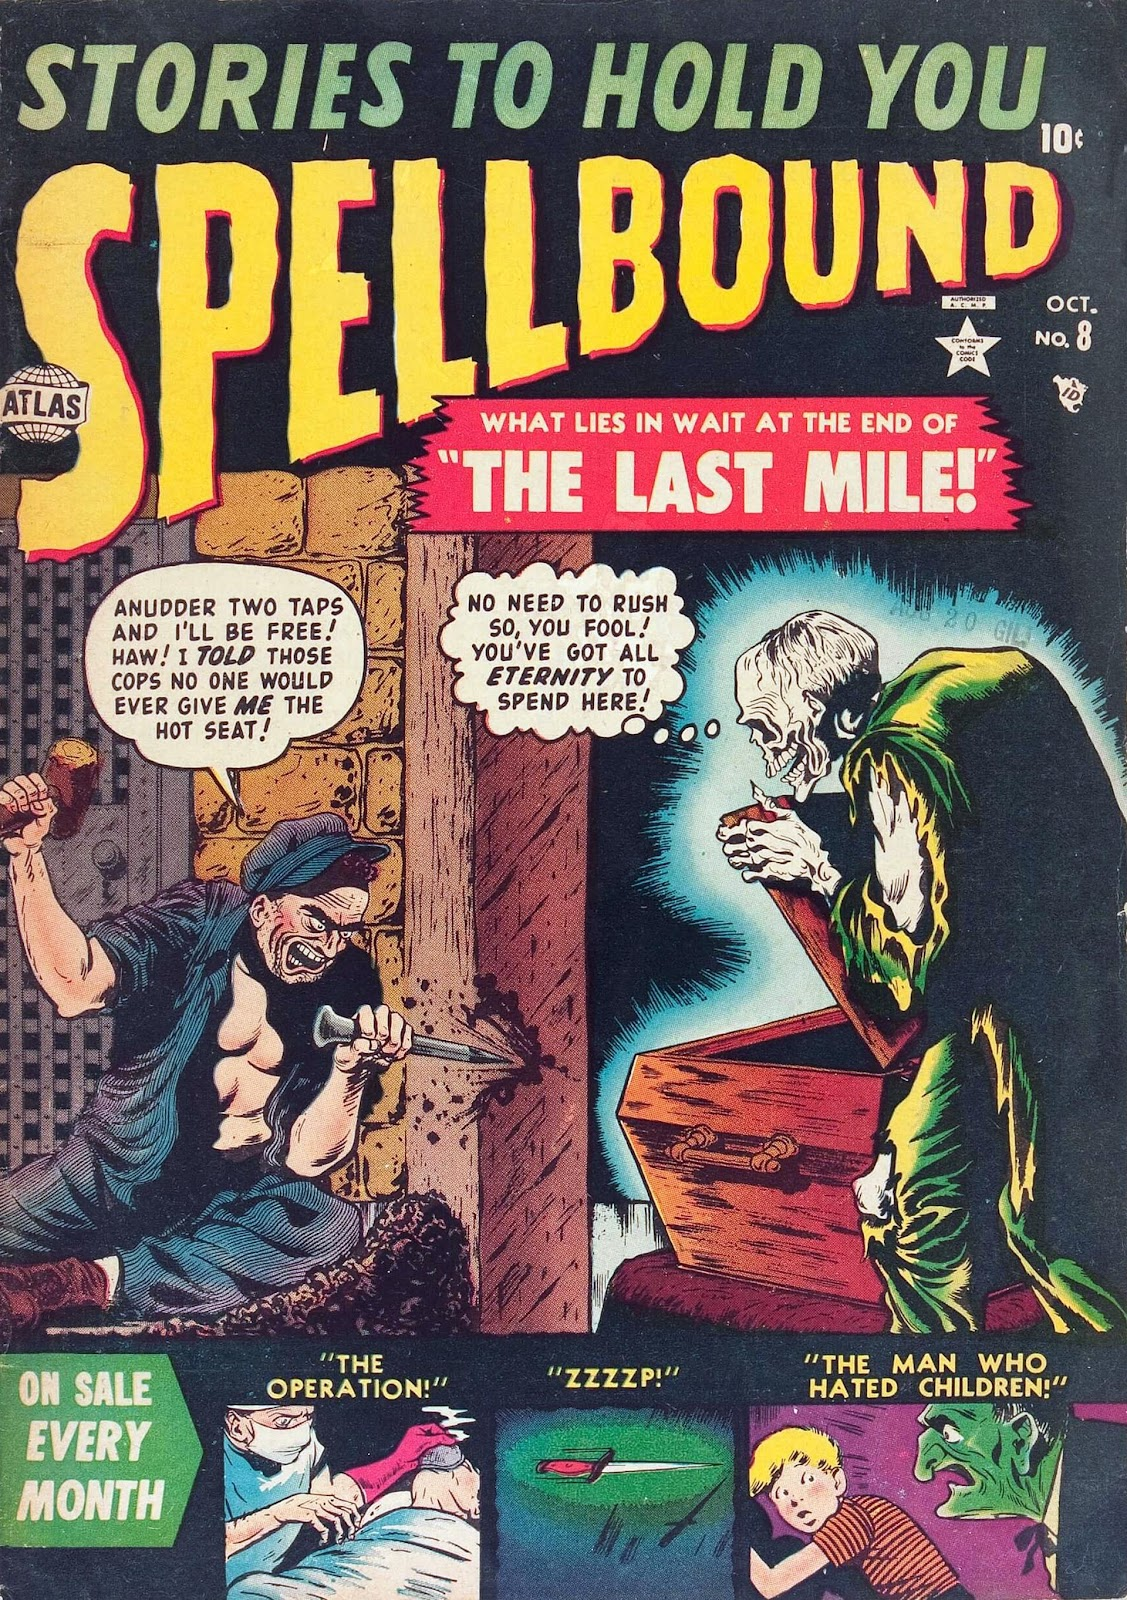 Spellbound (1952) issue 8 - Page 1